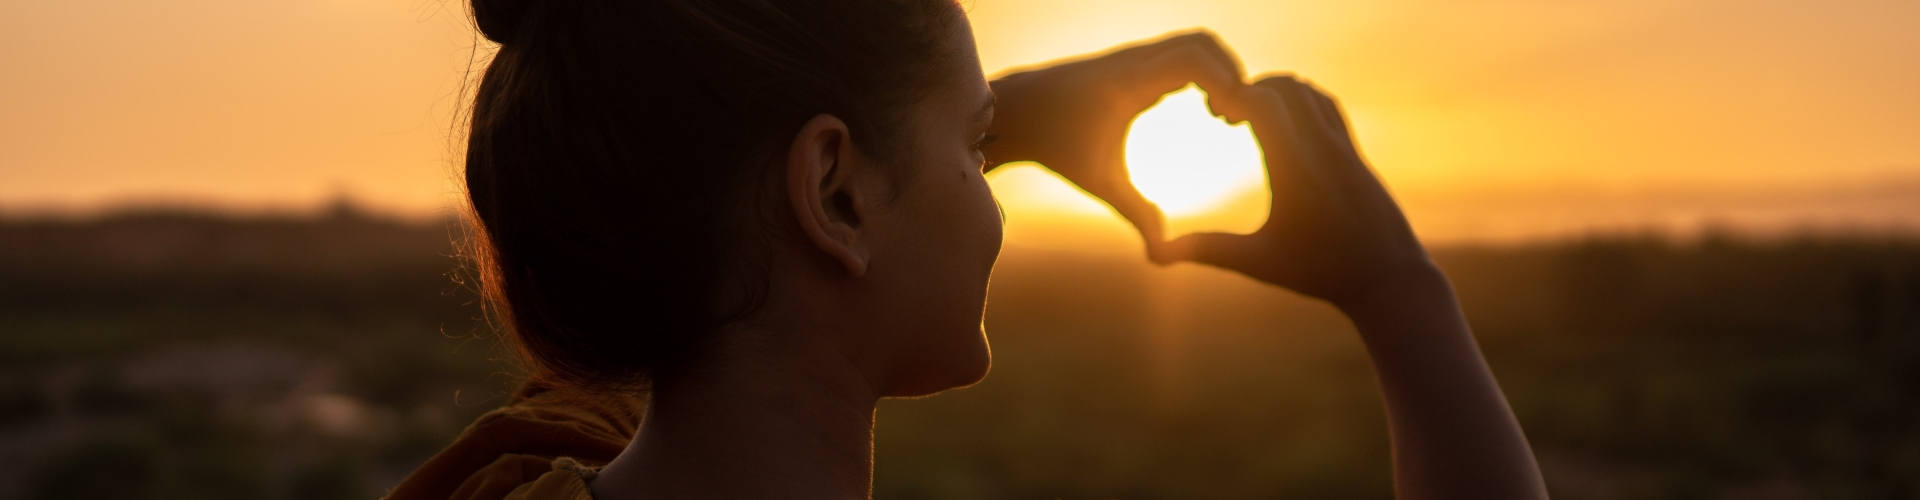 Vrouw houd hand in de vorm van hartje naar de zon